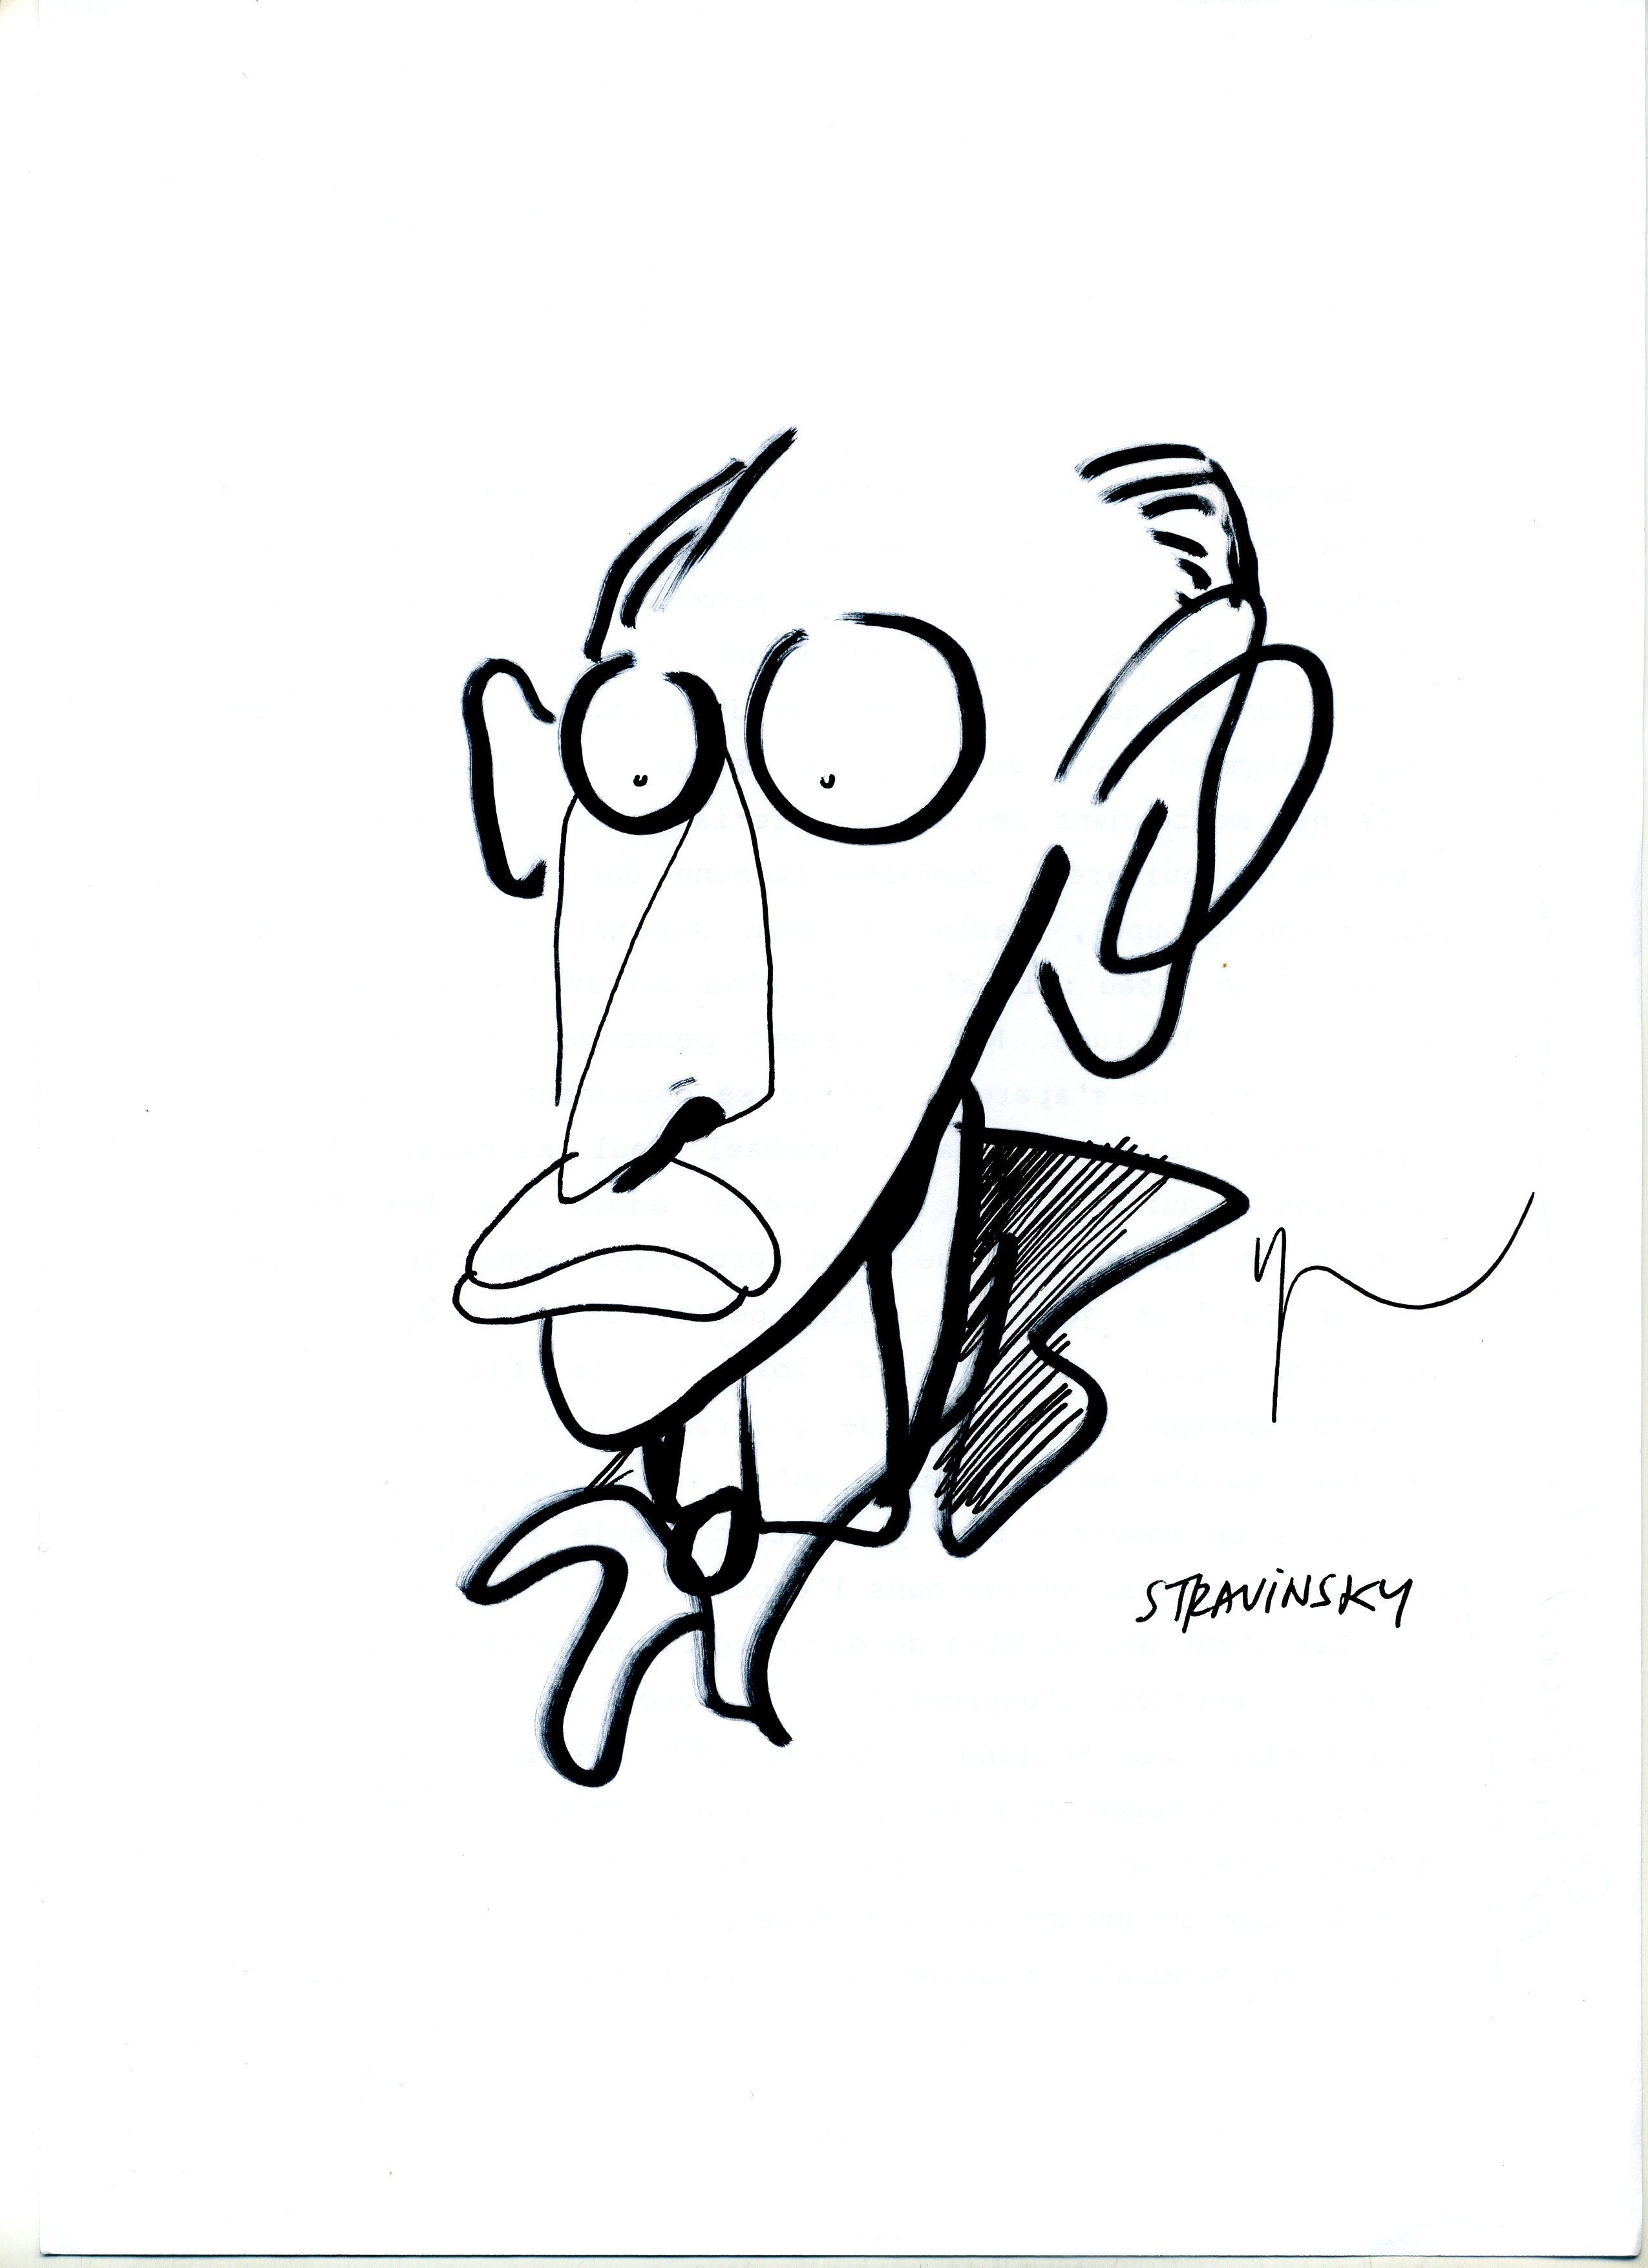 Portrait de Igor Stravinski dessiné par Yann Moix